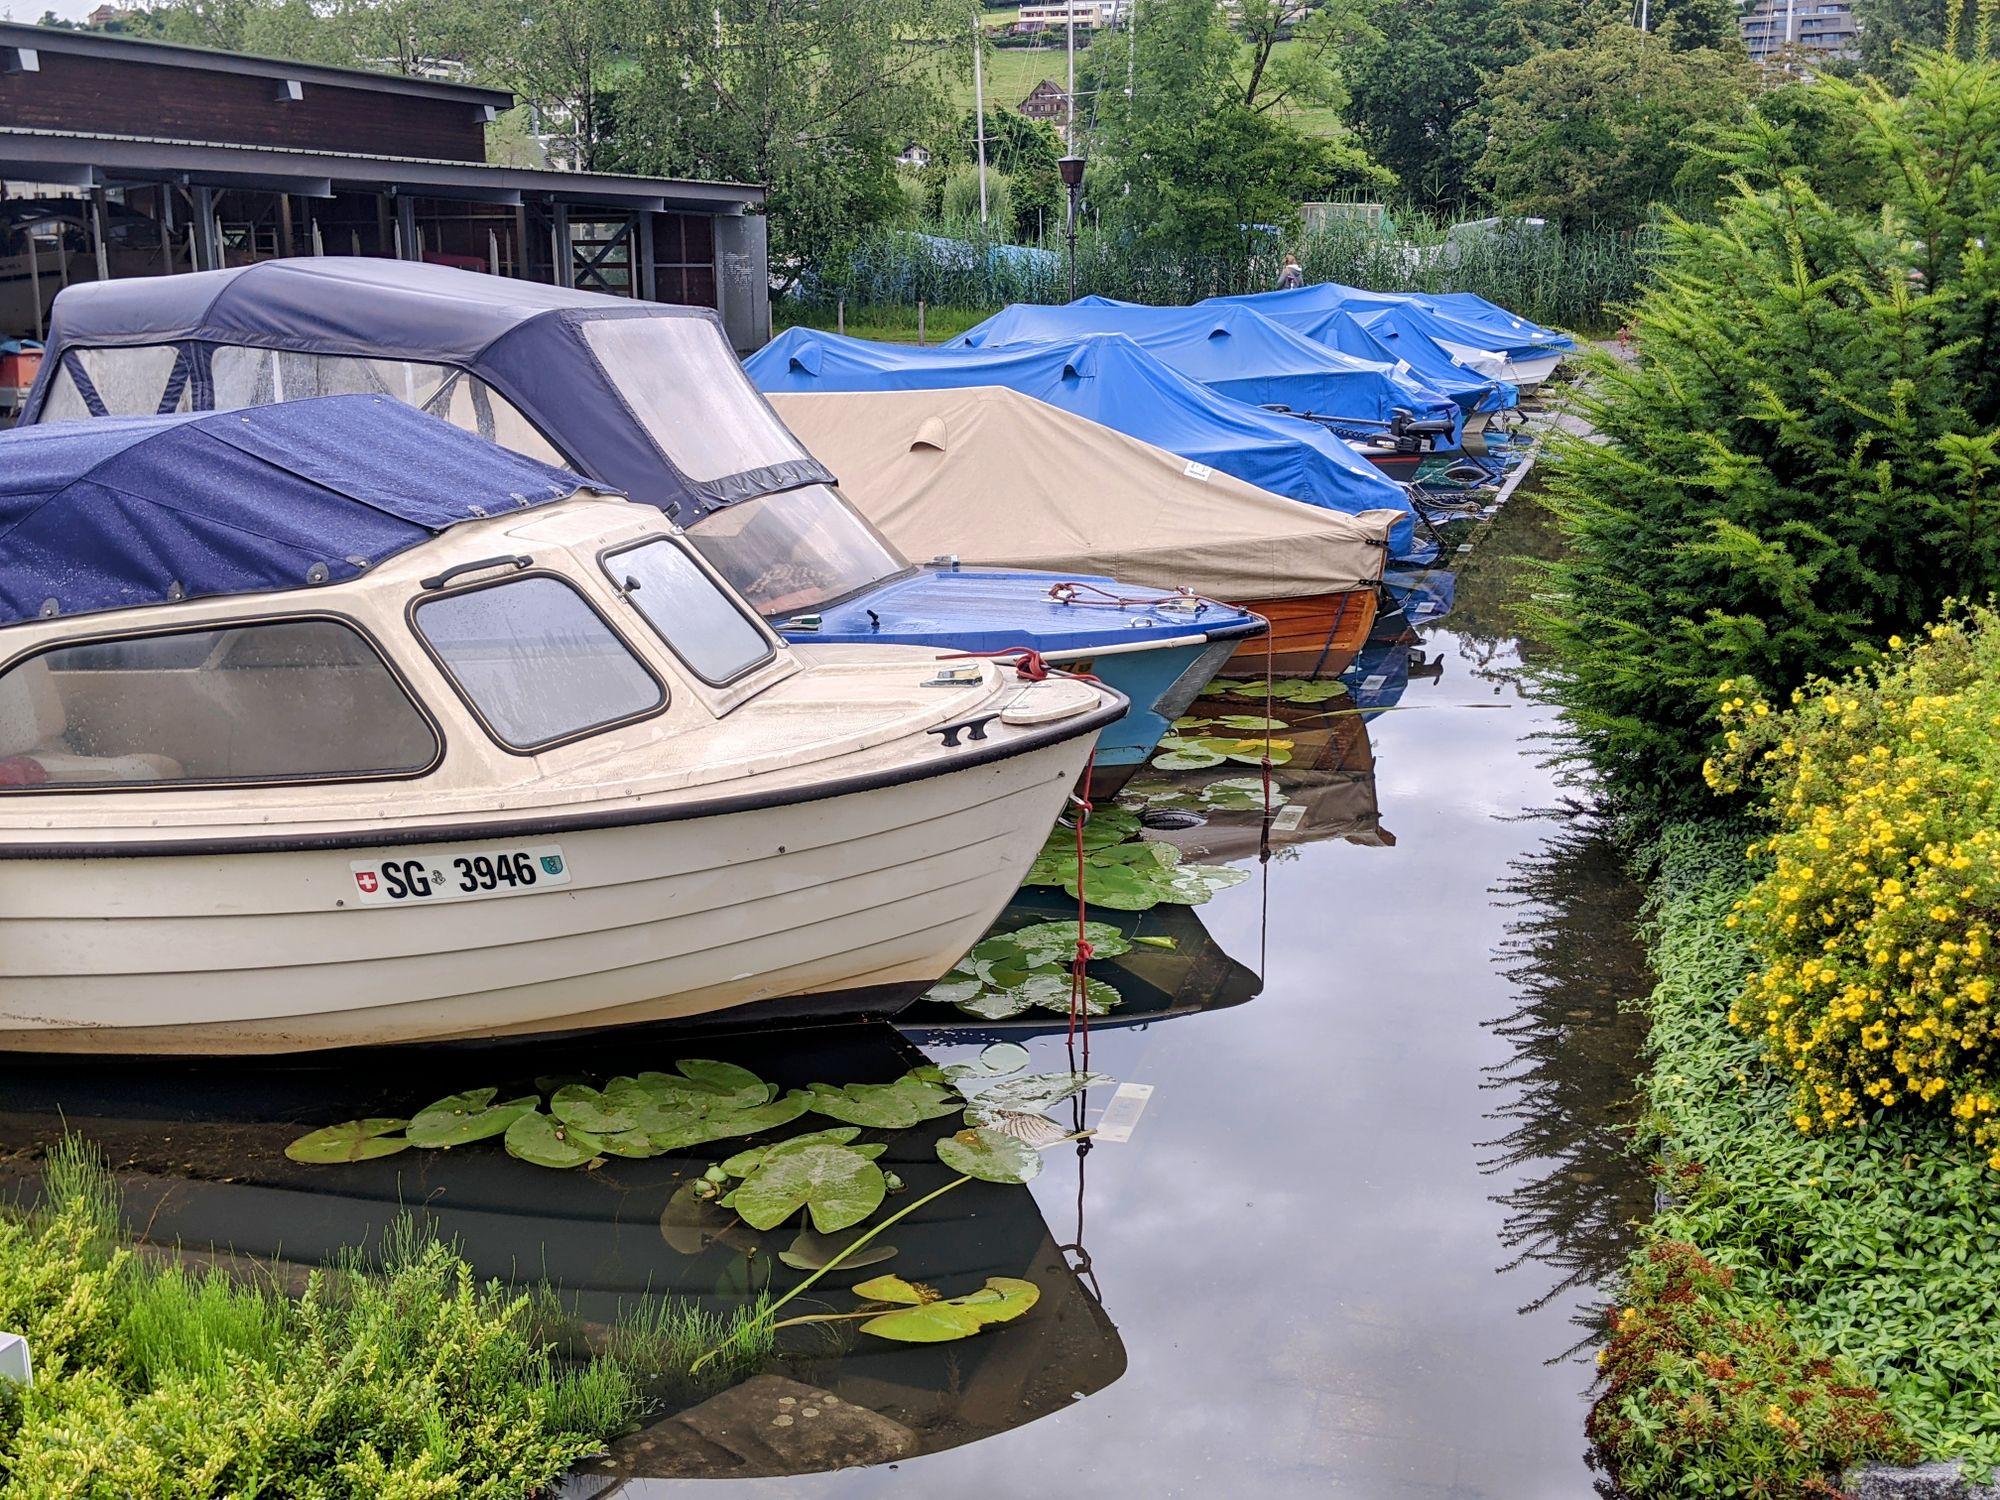 Boote beim Hafen Rheinkies Schmerikon (Foto: Thomas Müller, 8716.ch)